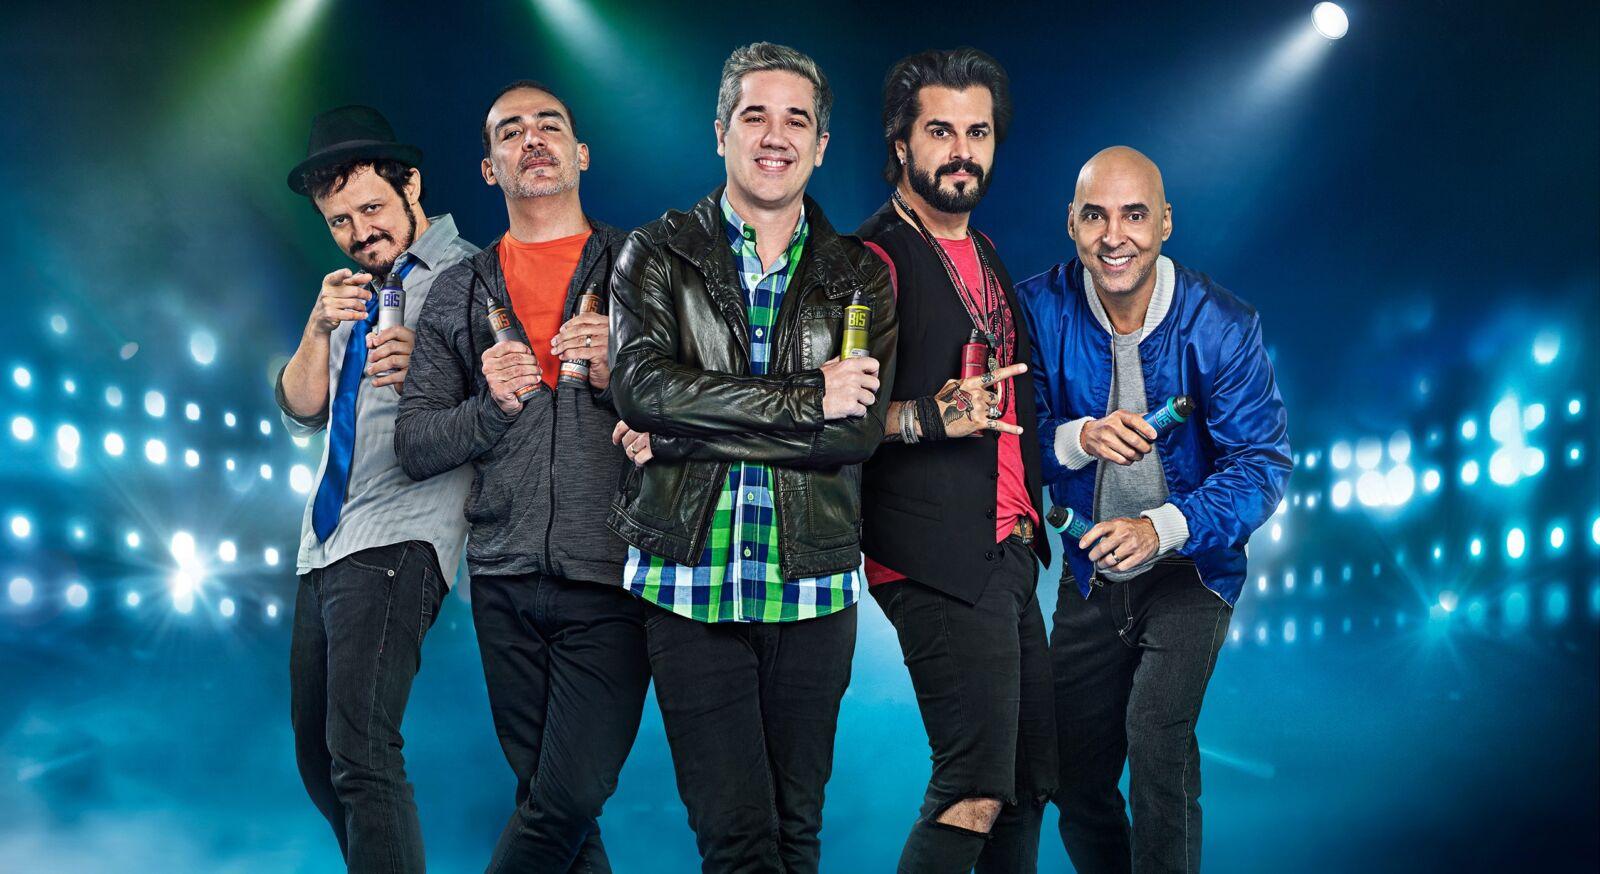 'Superbão':  Final do Mineiro terá show da banda Jota Quest durante intervalo